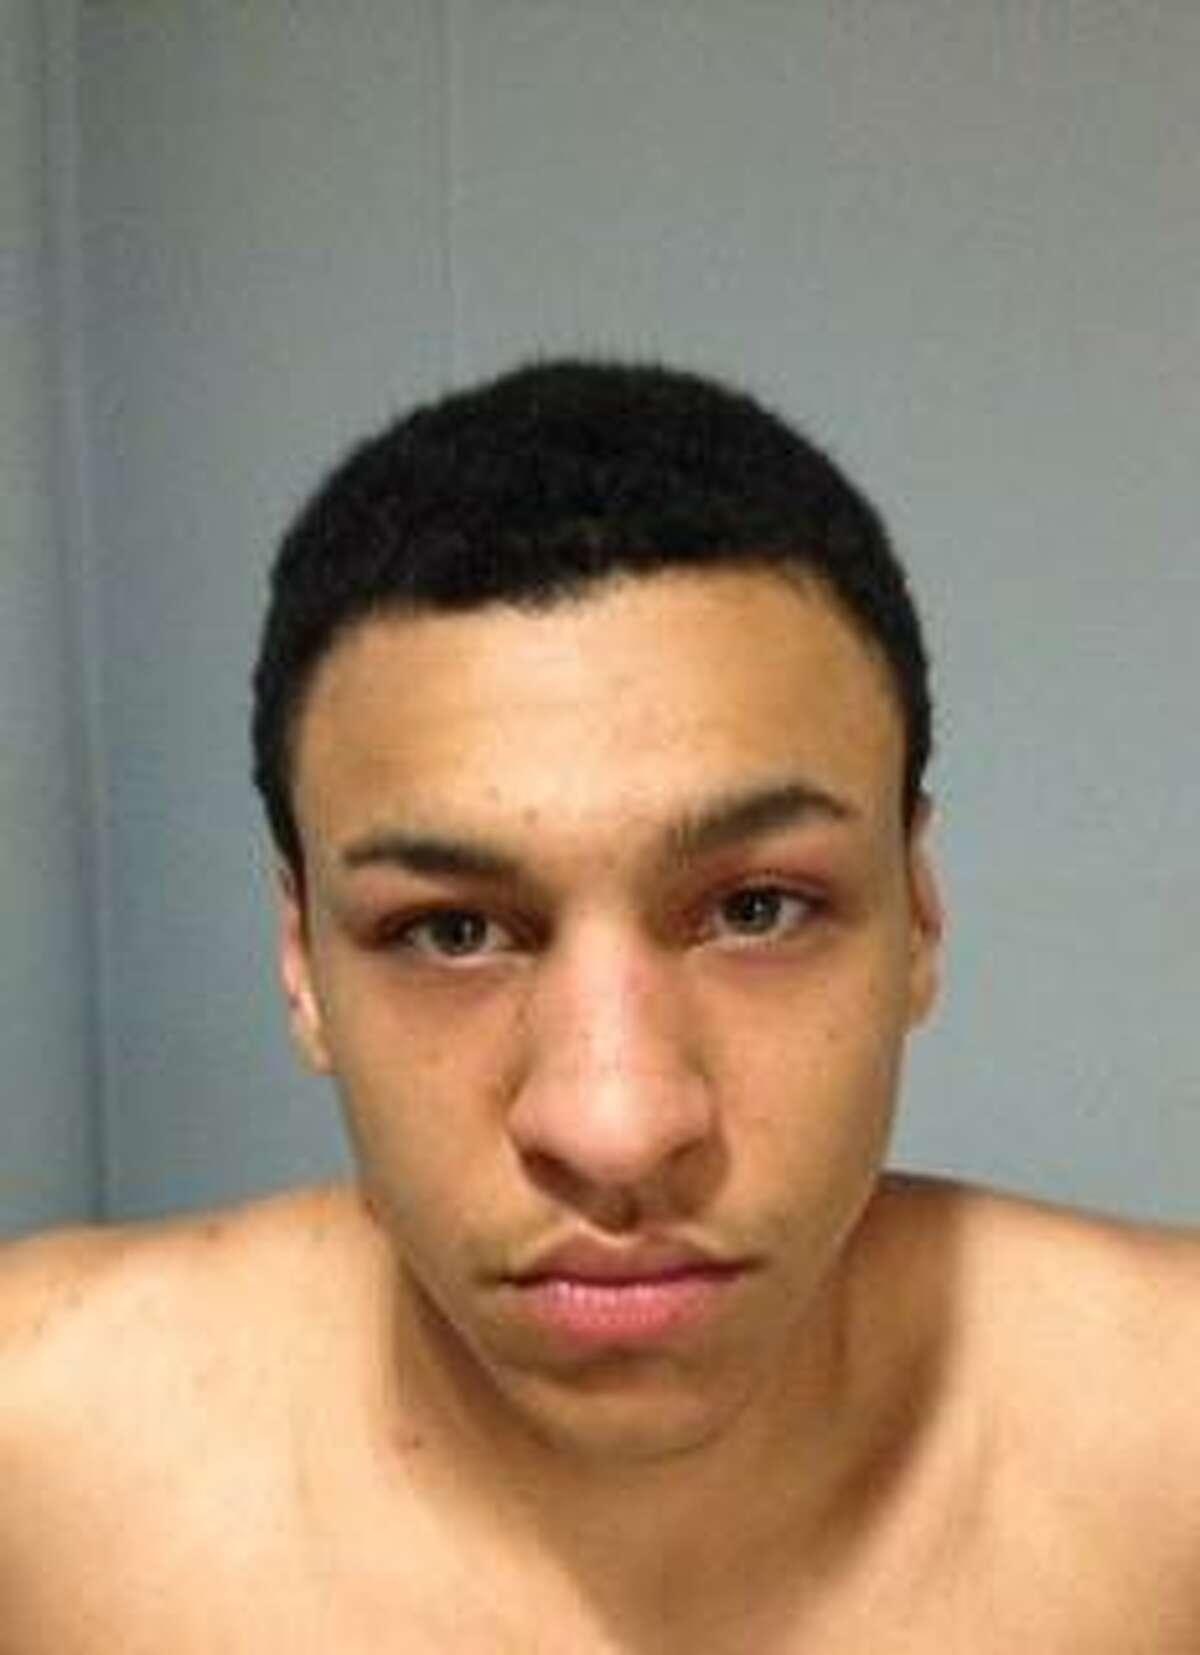 Joshua Ballard. Police photo.